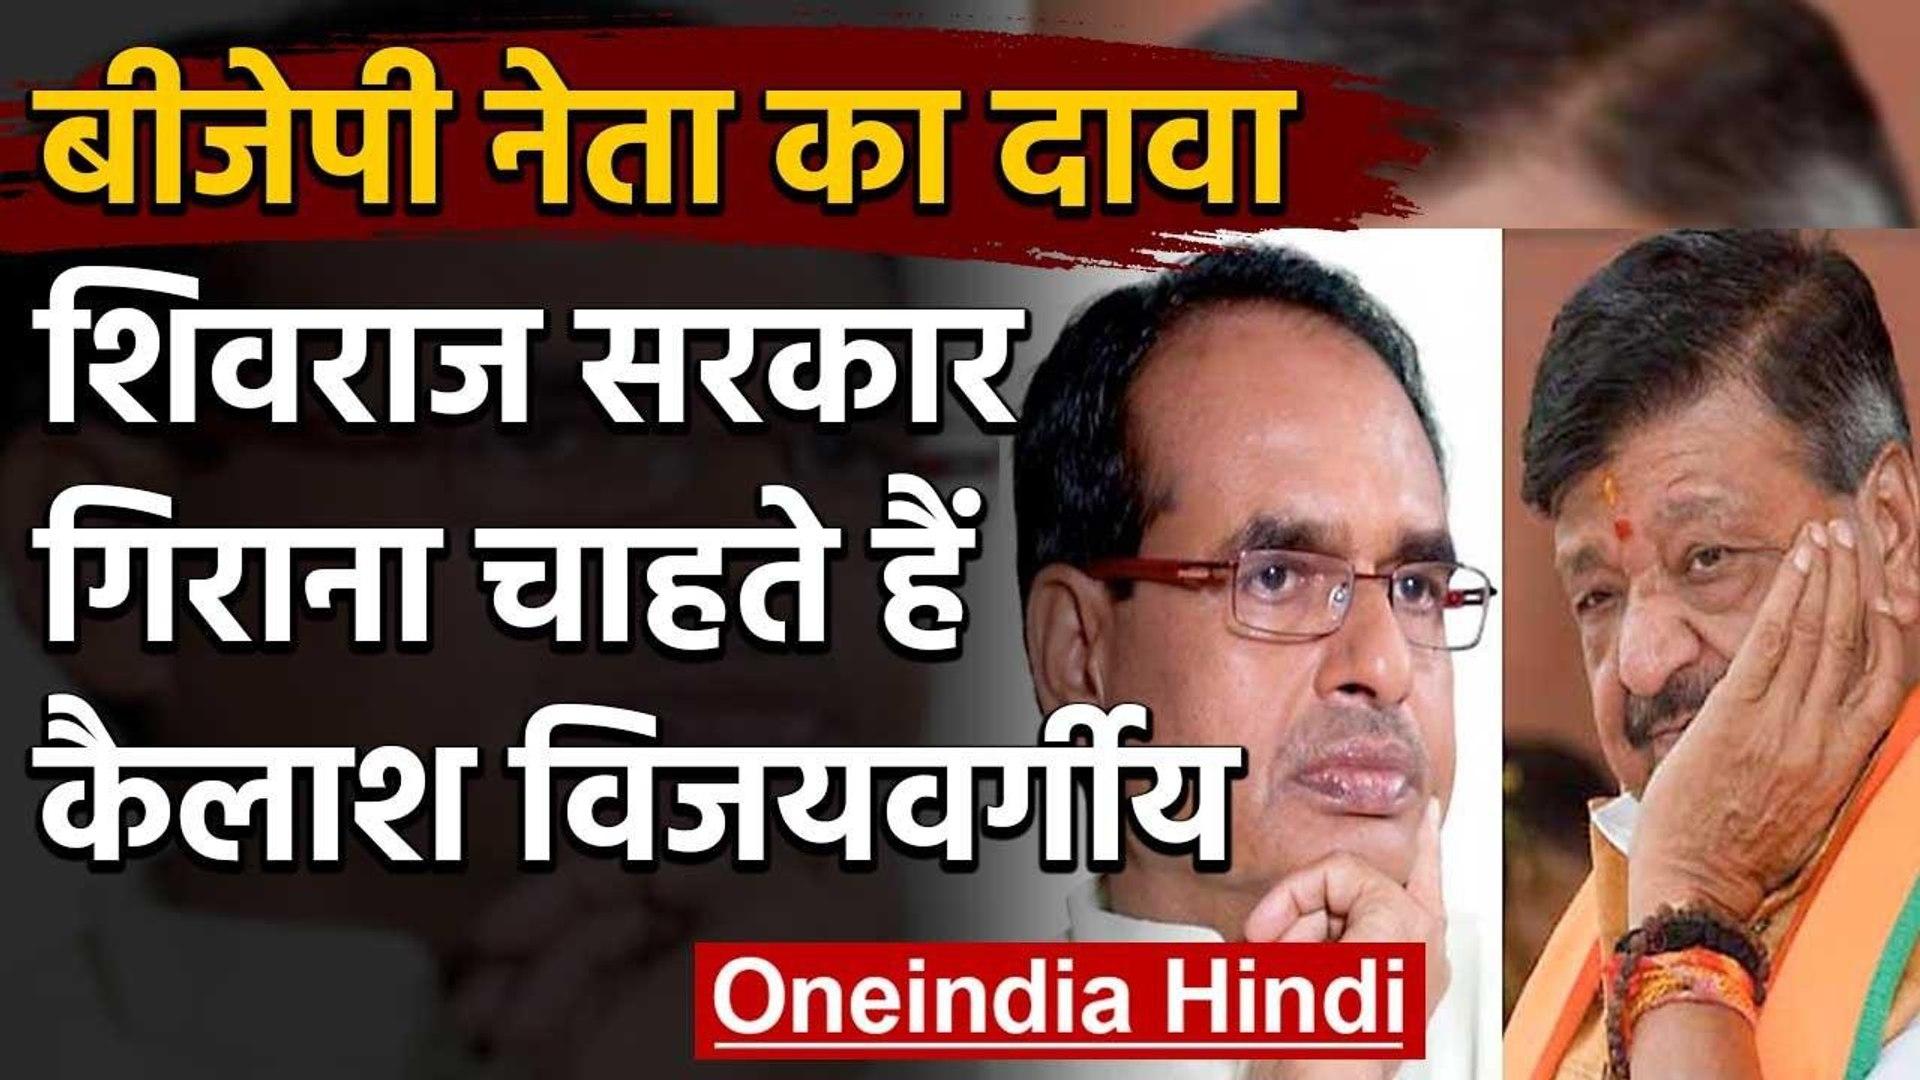 Kailash Vijayvargiya गिराना चाहते हैं Shivraj Government, BJP नेता ने किया दावा   वनइंडिया हिंदी